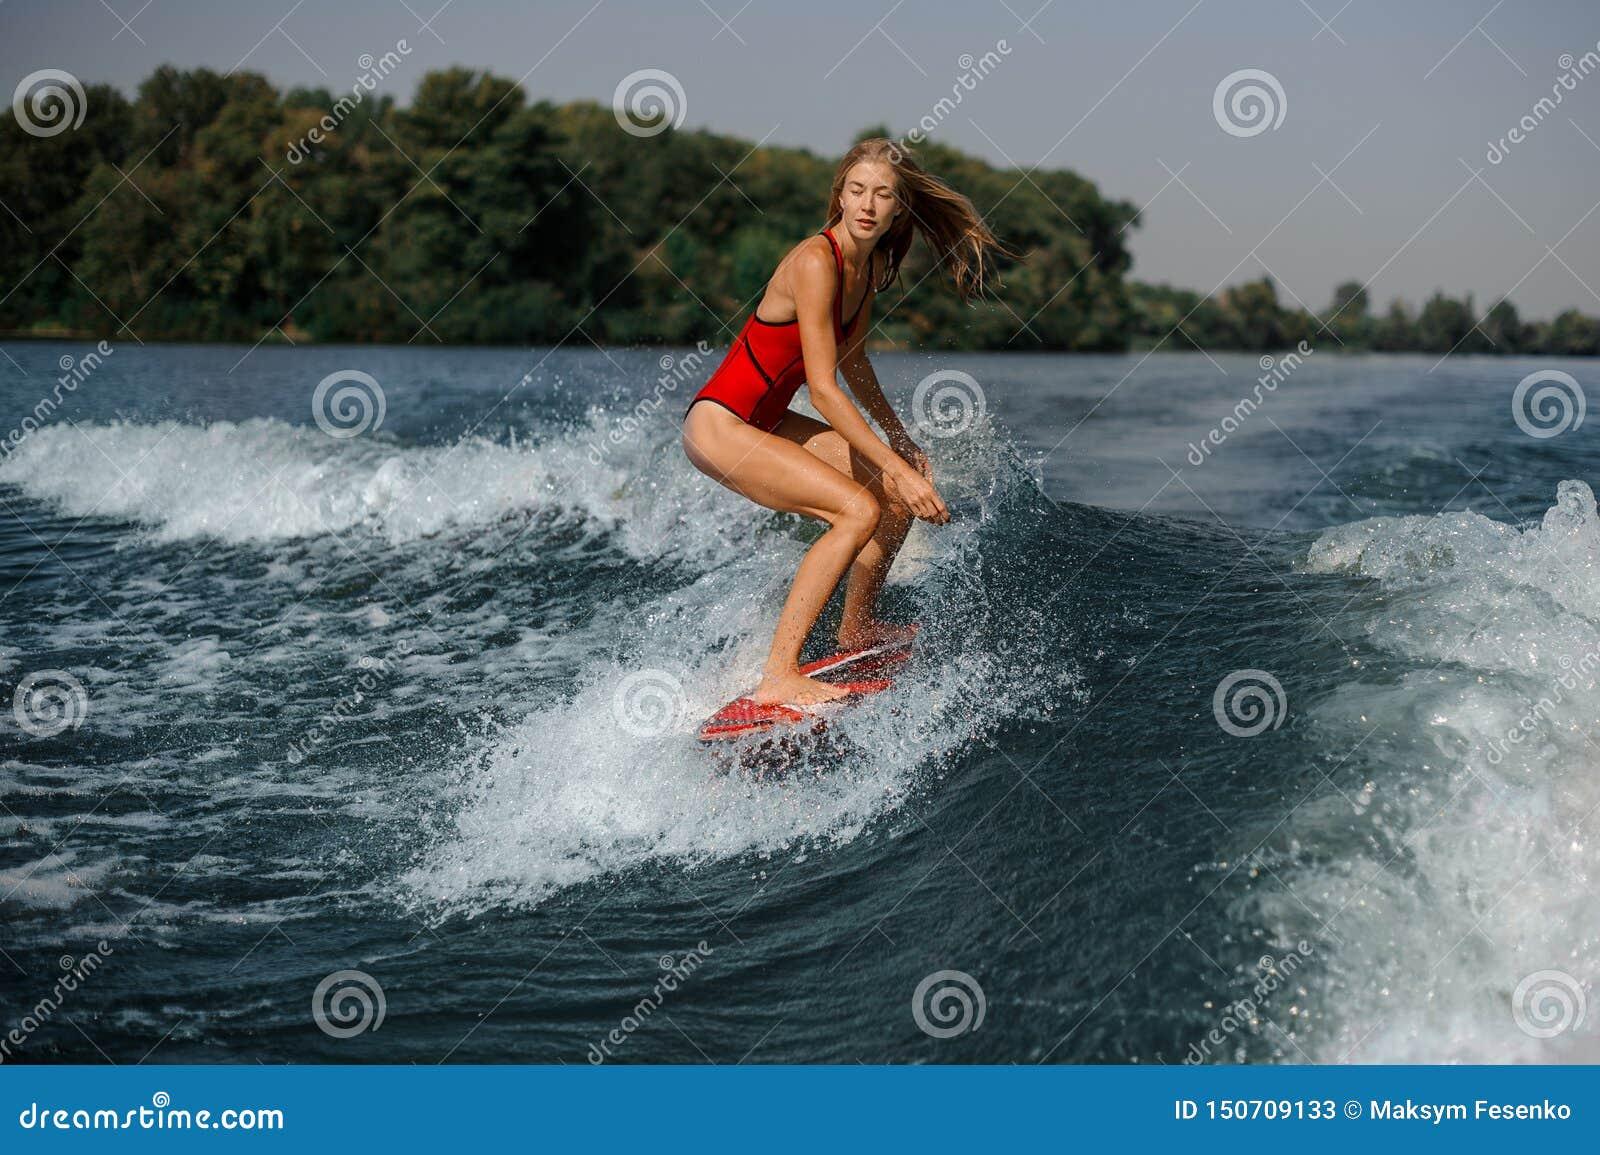 Girl in swimsuit on board in sea